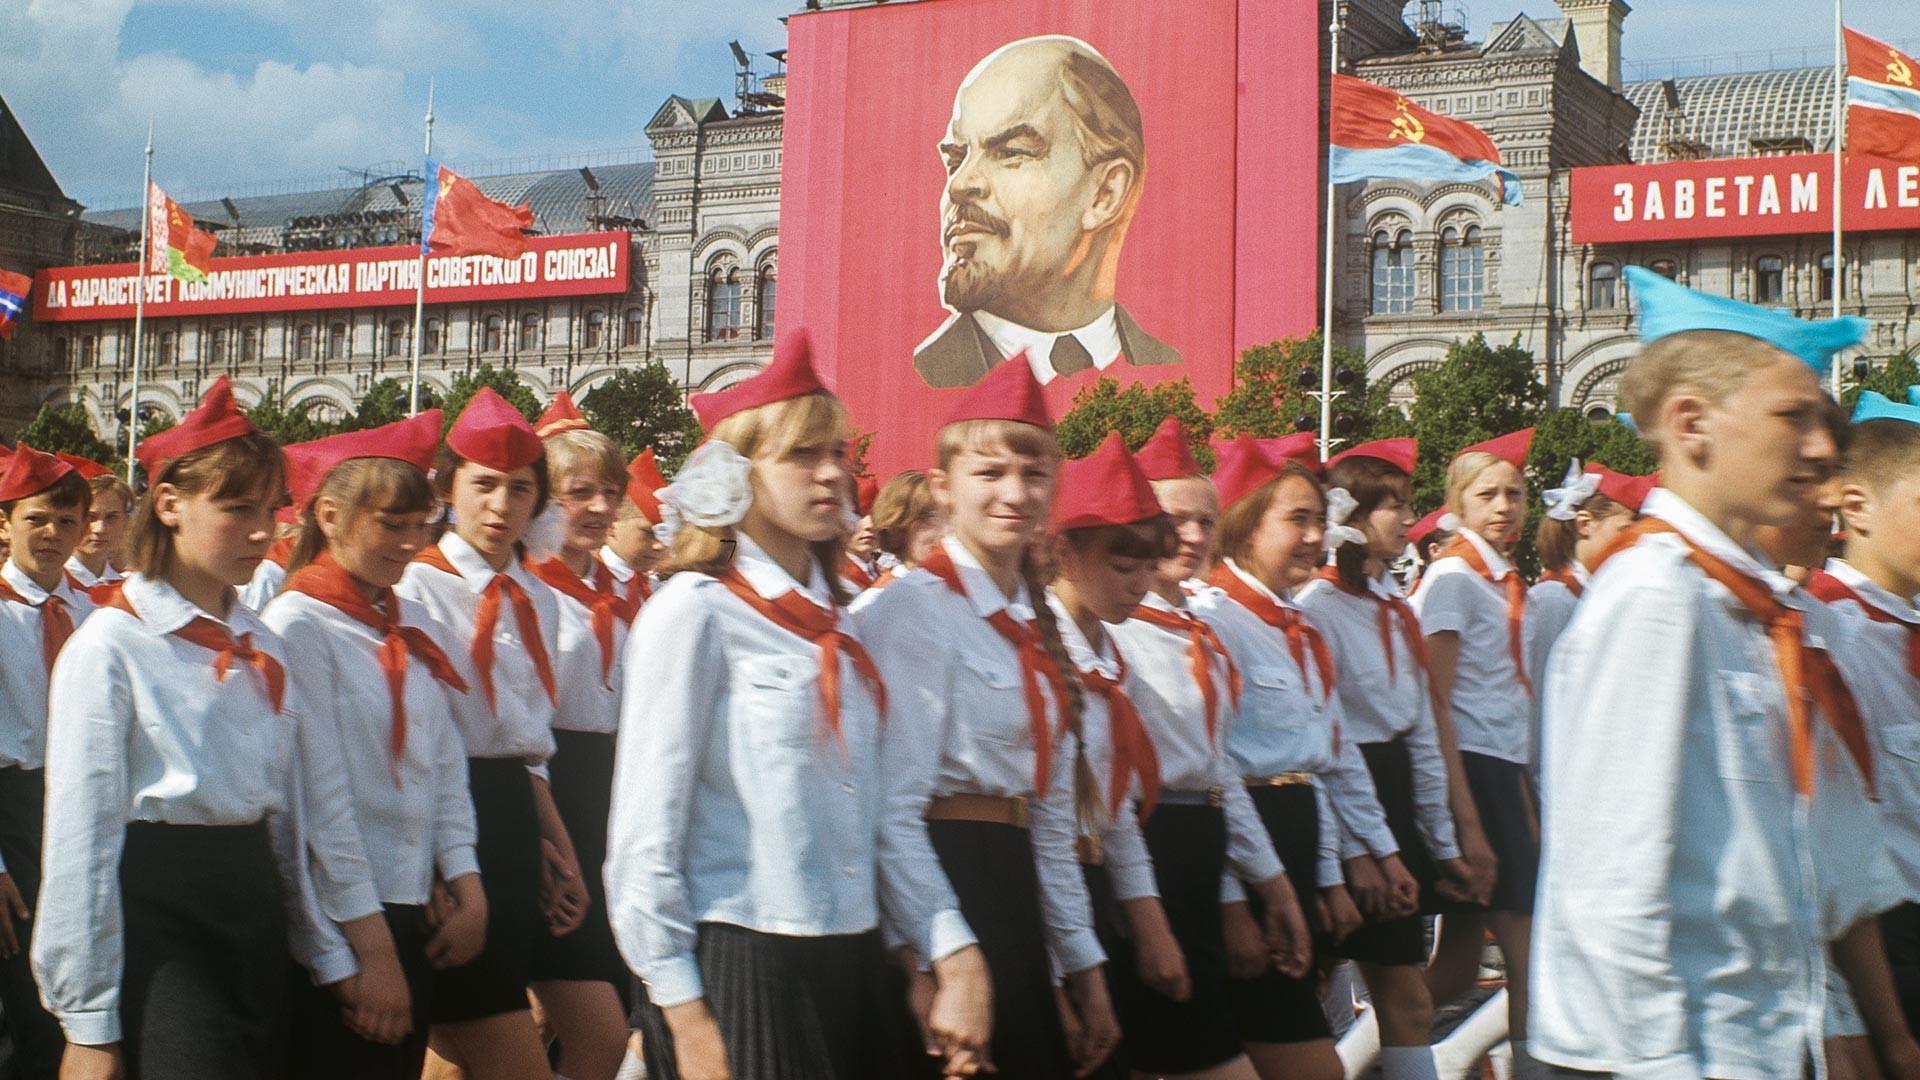 Парада на Црвеном тргу посвећена Дану настанка Свесавезне пионирске организације В. И. Лењин.